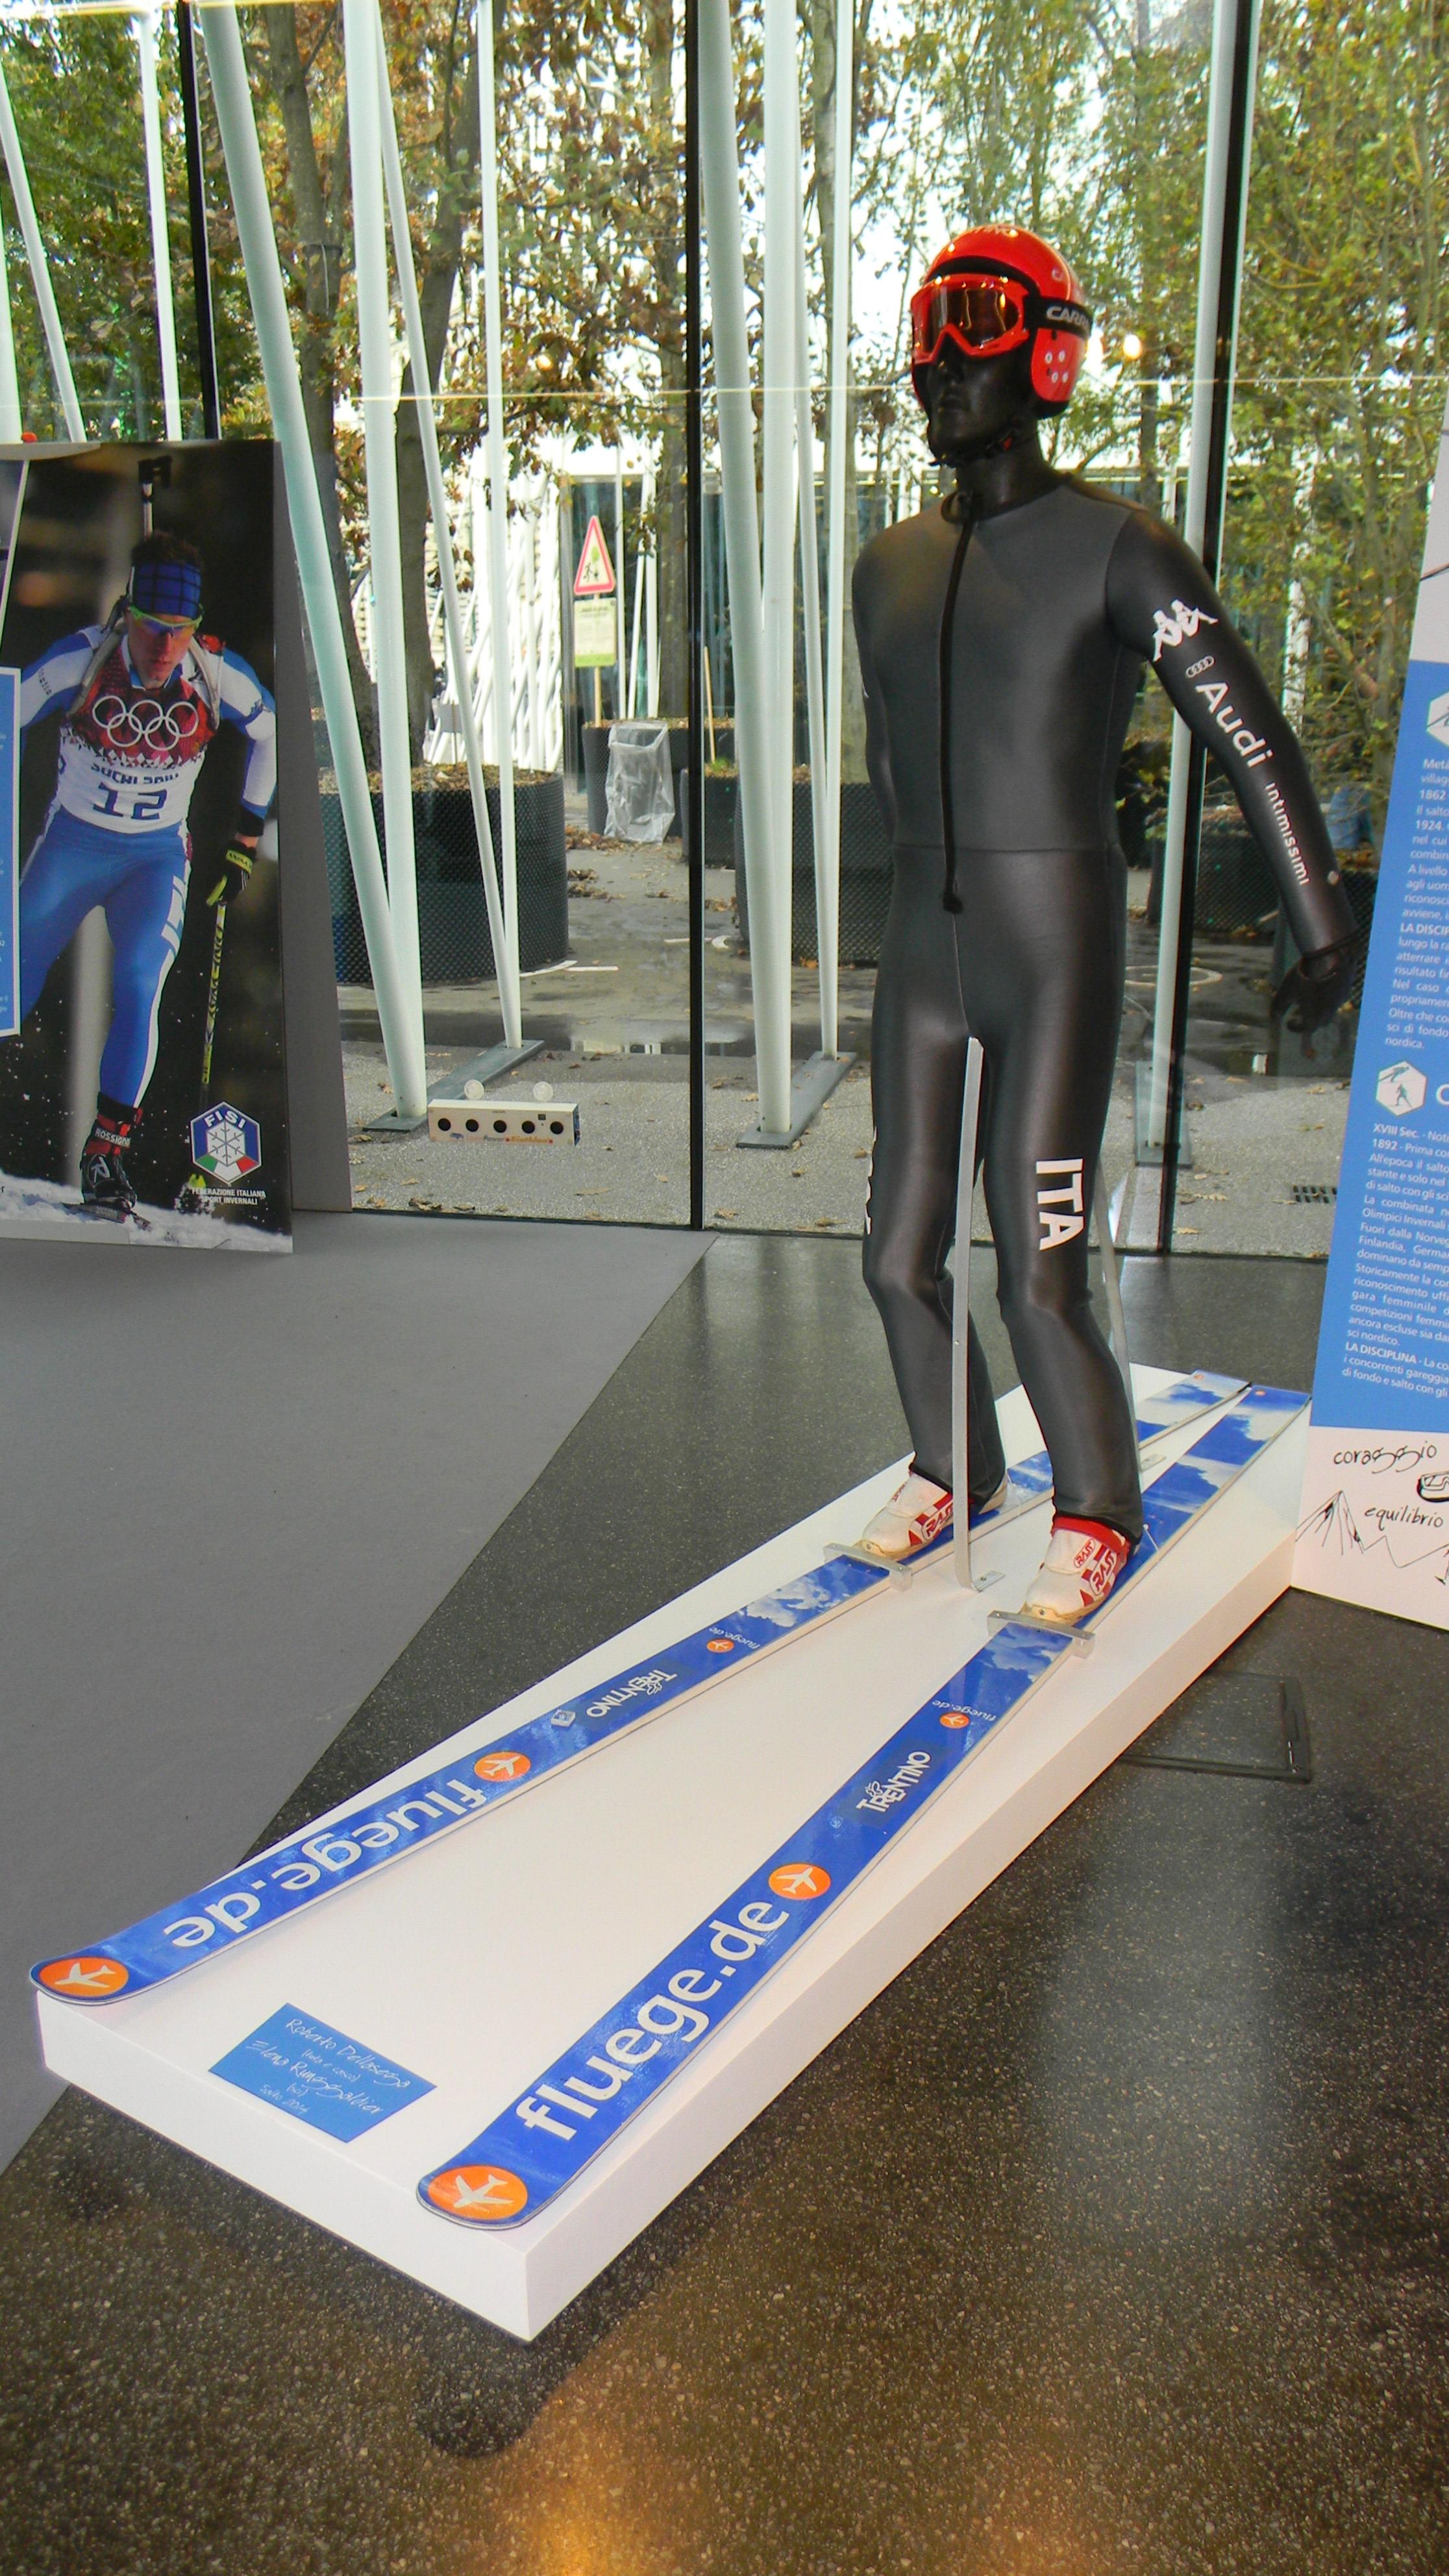 Ski jumping equipment Milan 2014 JPG